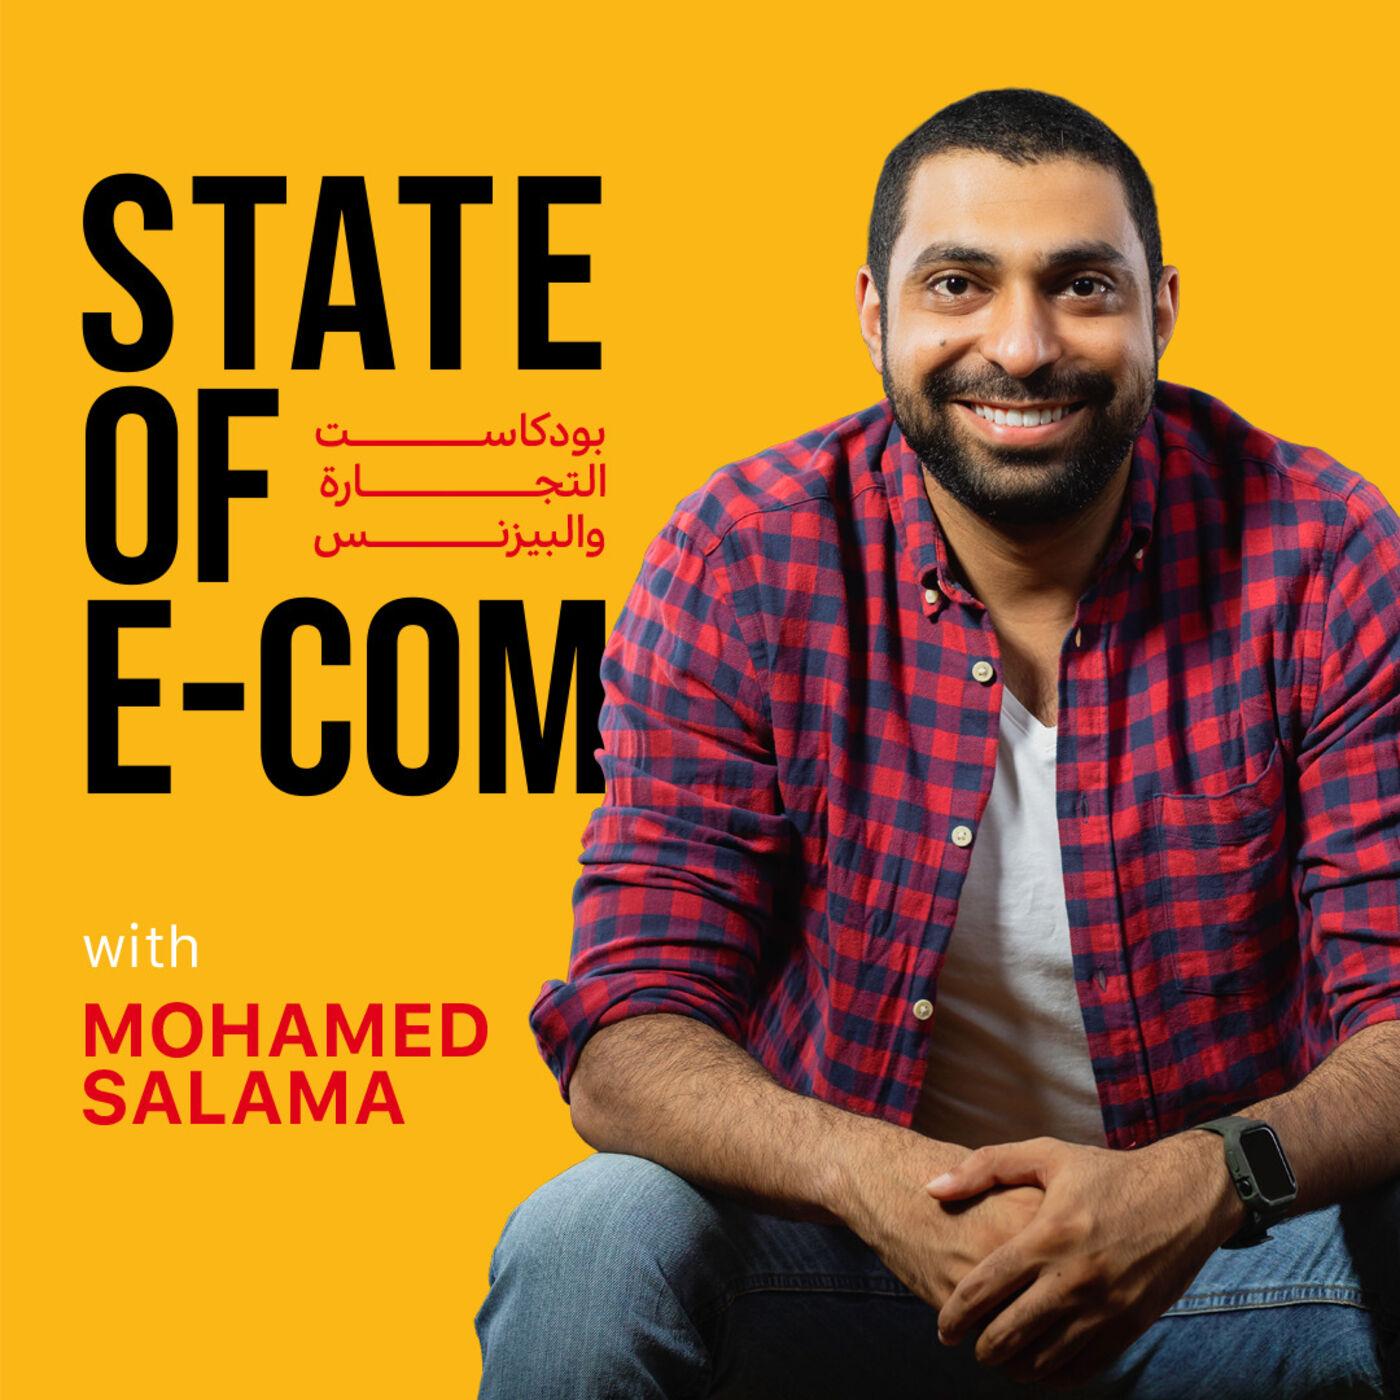 مستقبل المدفوعات الإلكترونية والبيزنس - حوار مع هاني سليمان مدير عام PayTabs في مصر